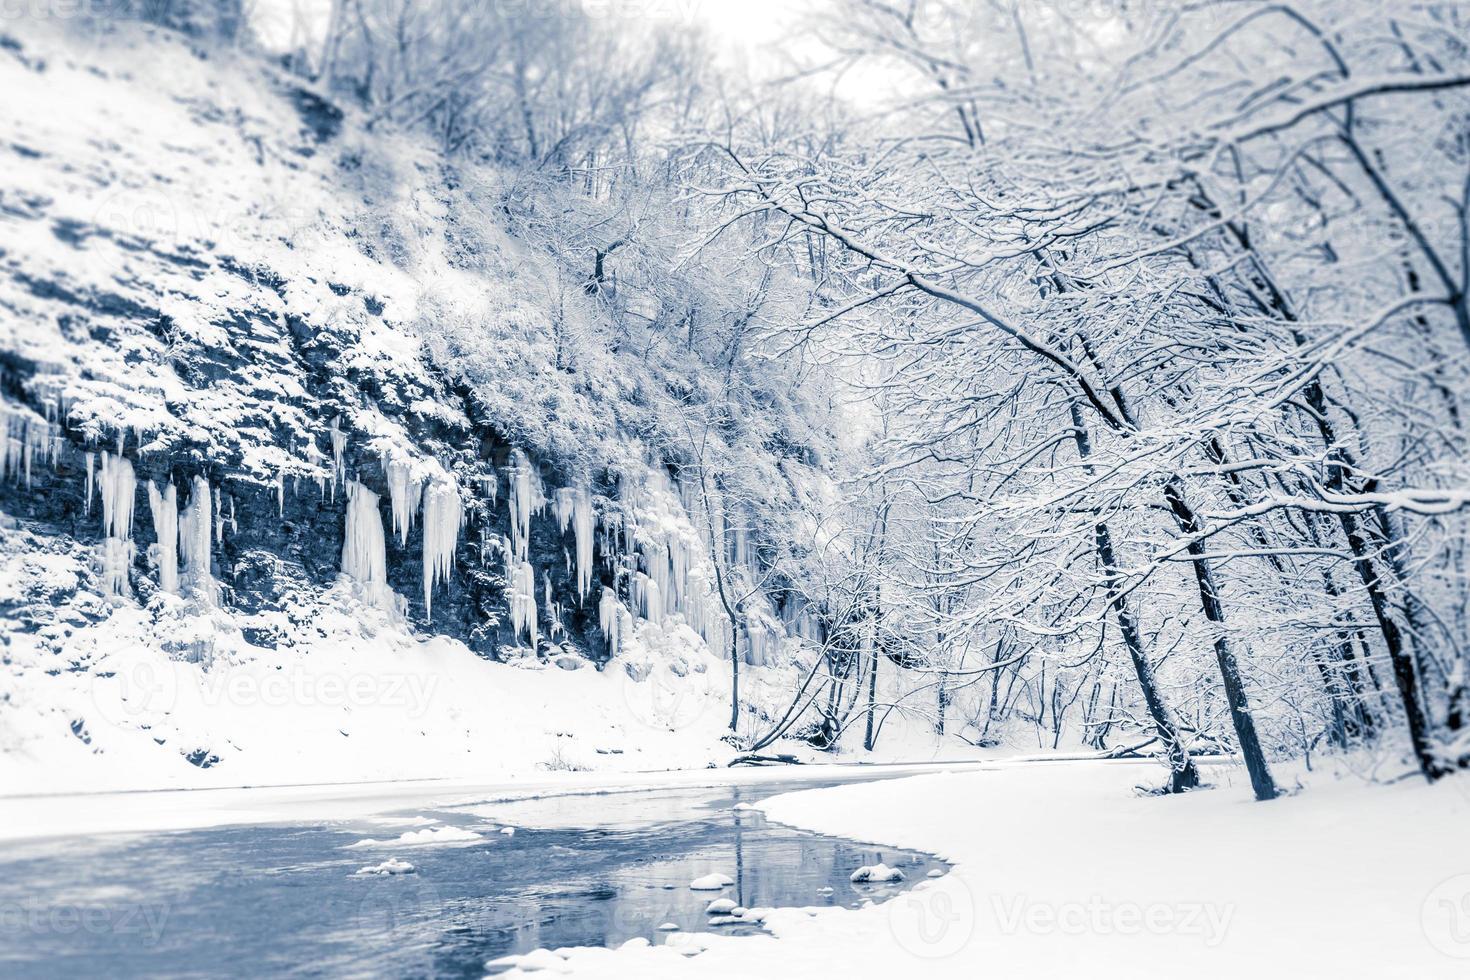 schneebedeckte Winterszene. foto